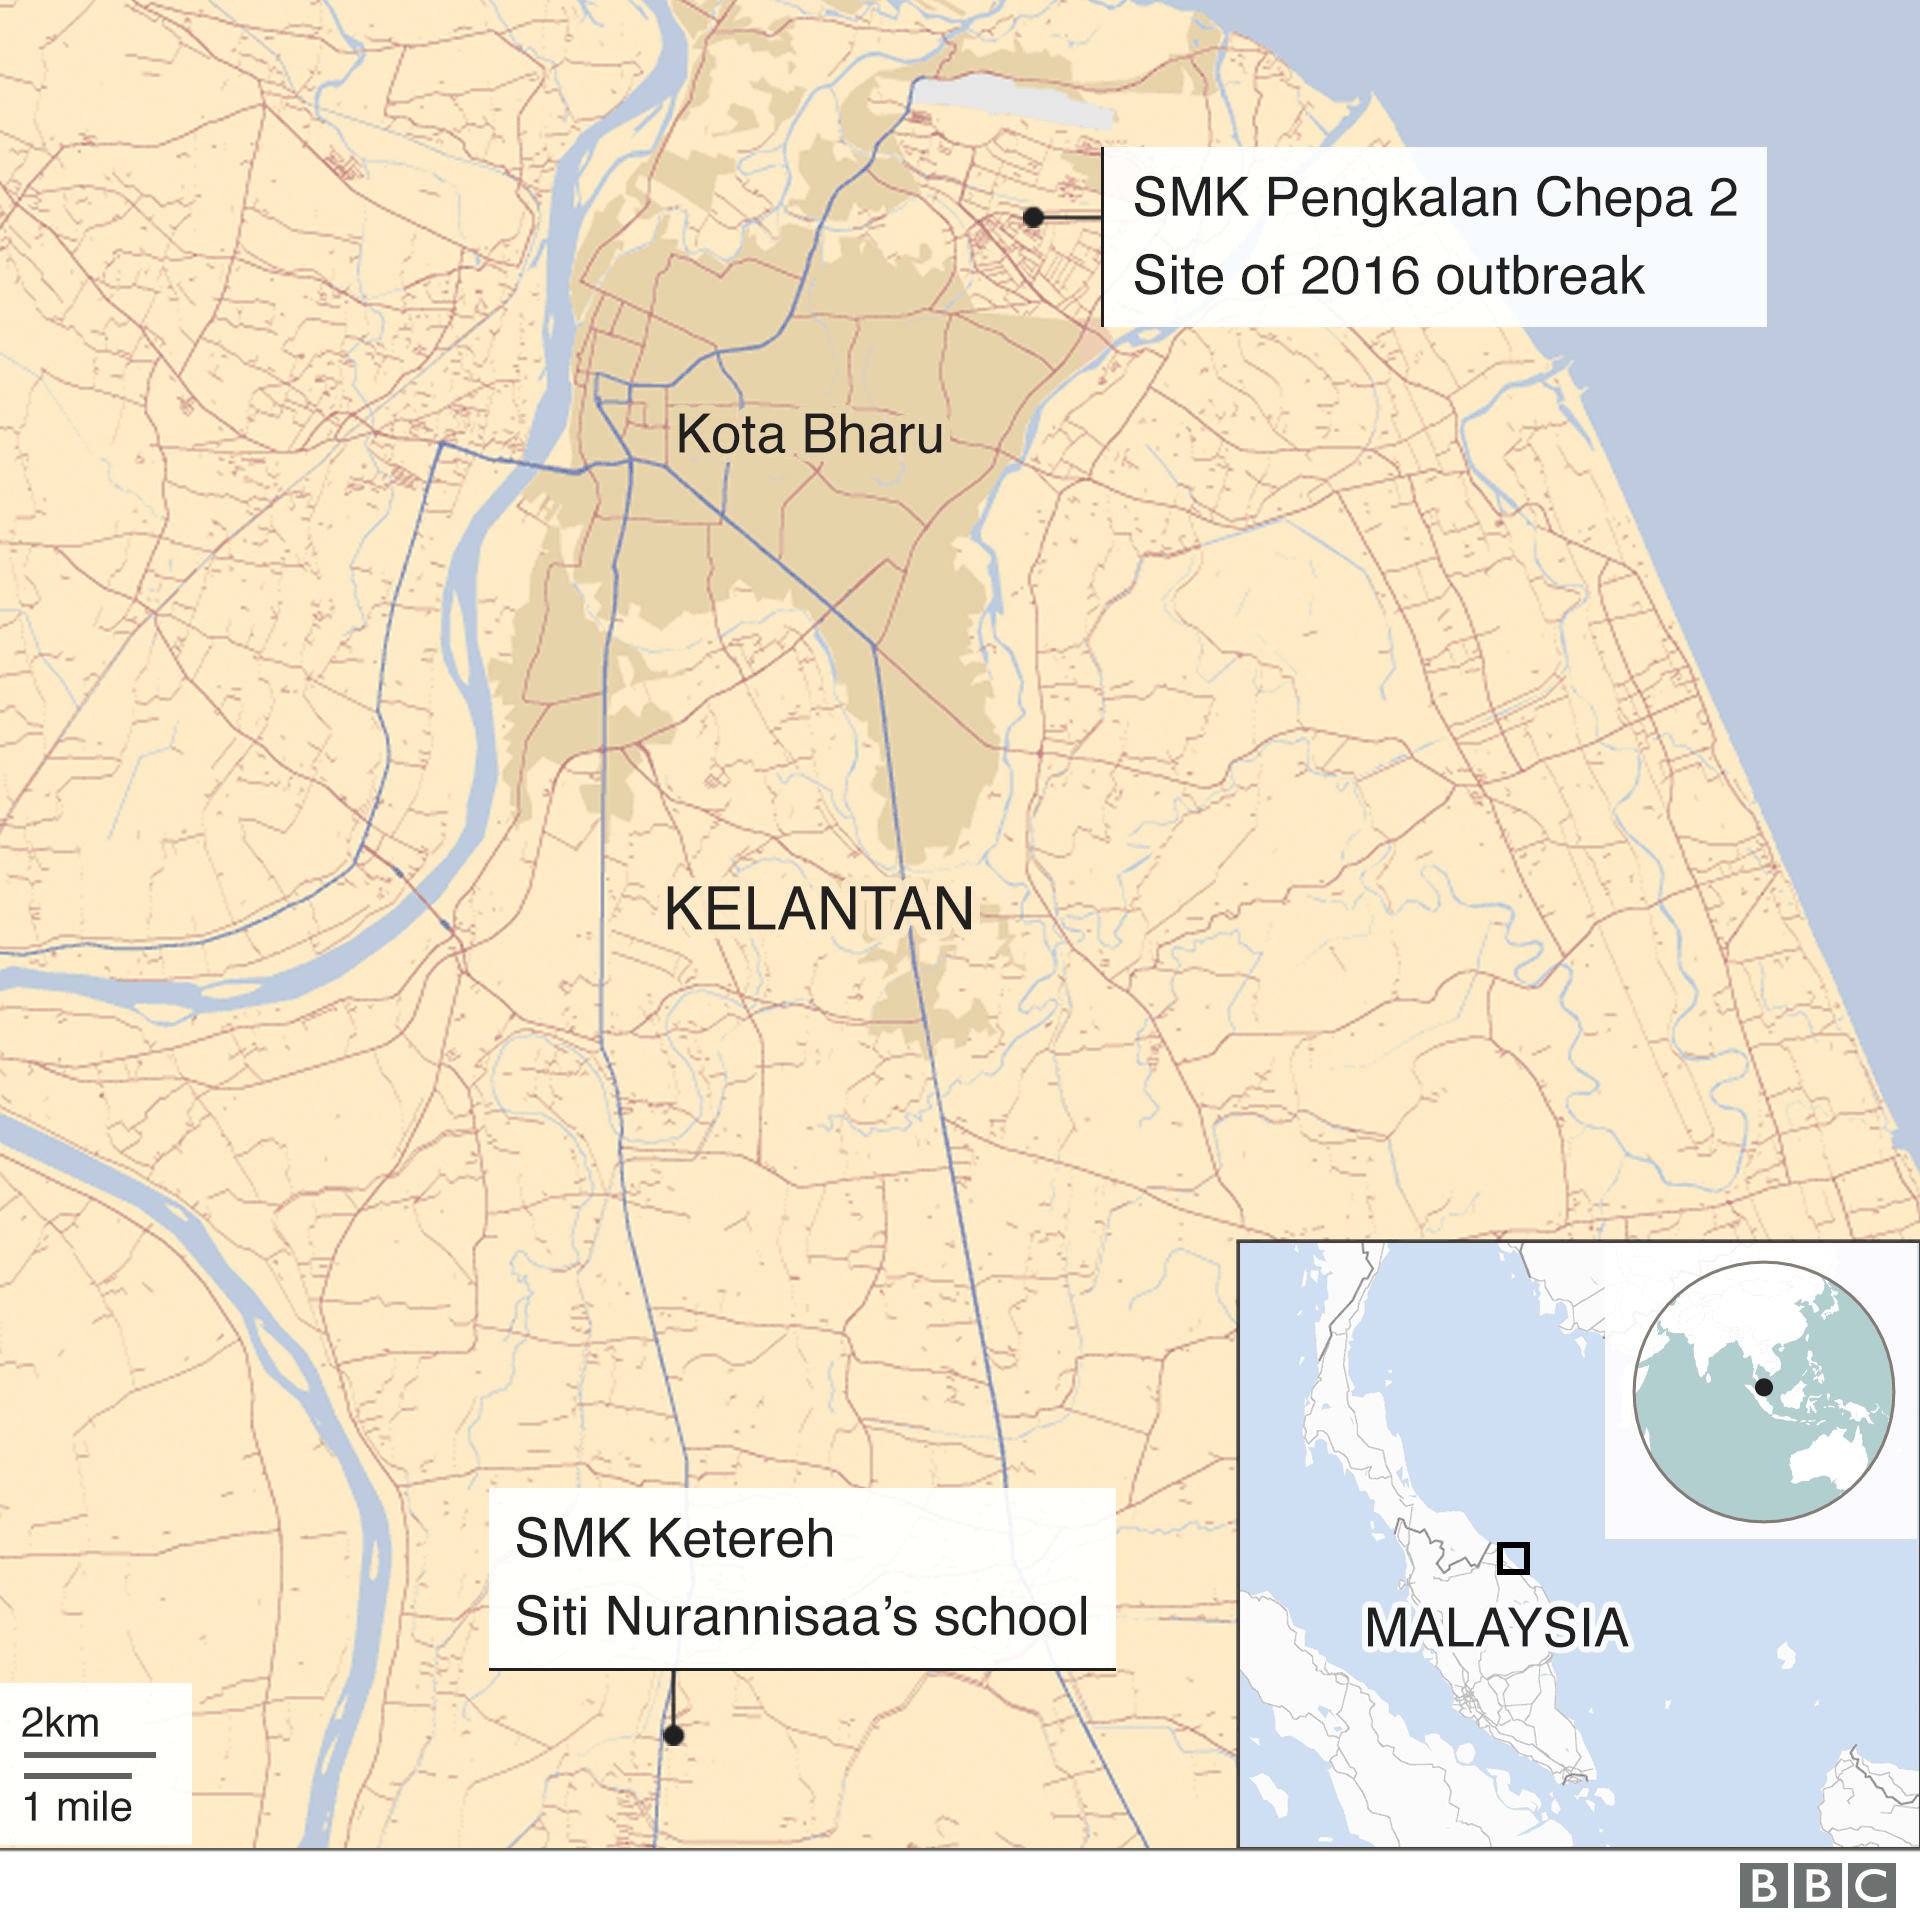 A map of Kelantan and its towns